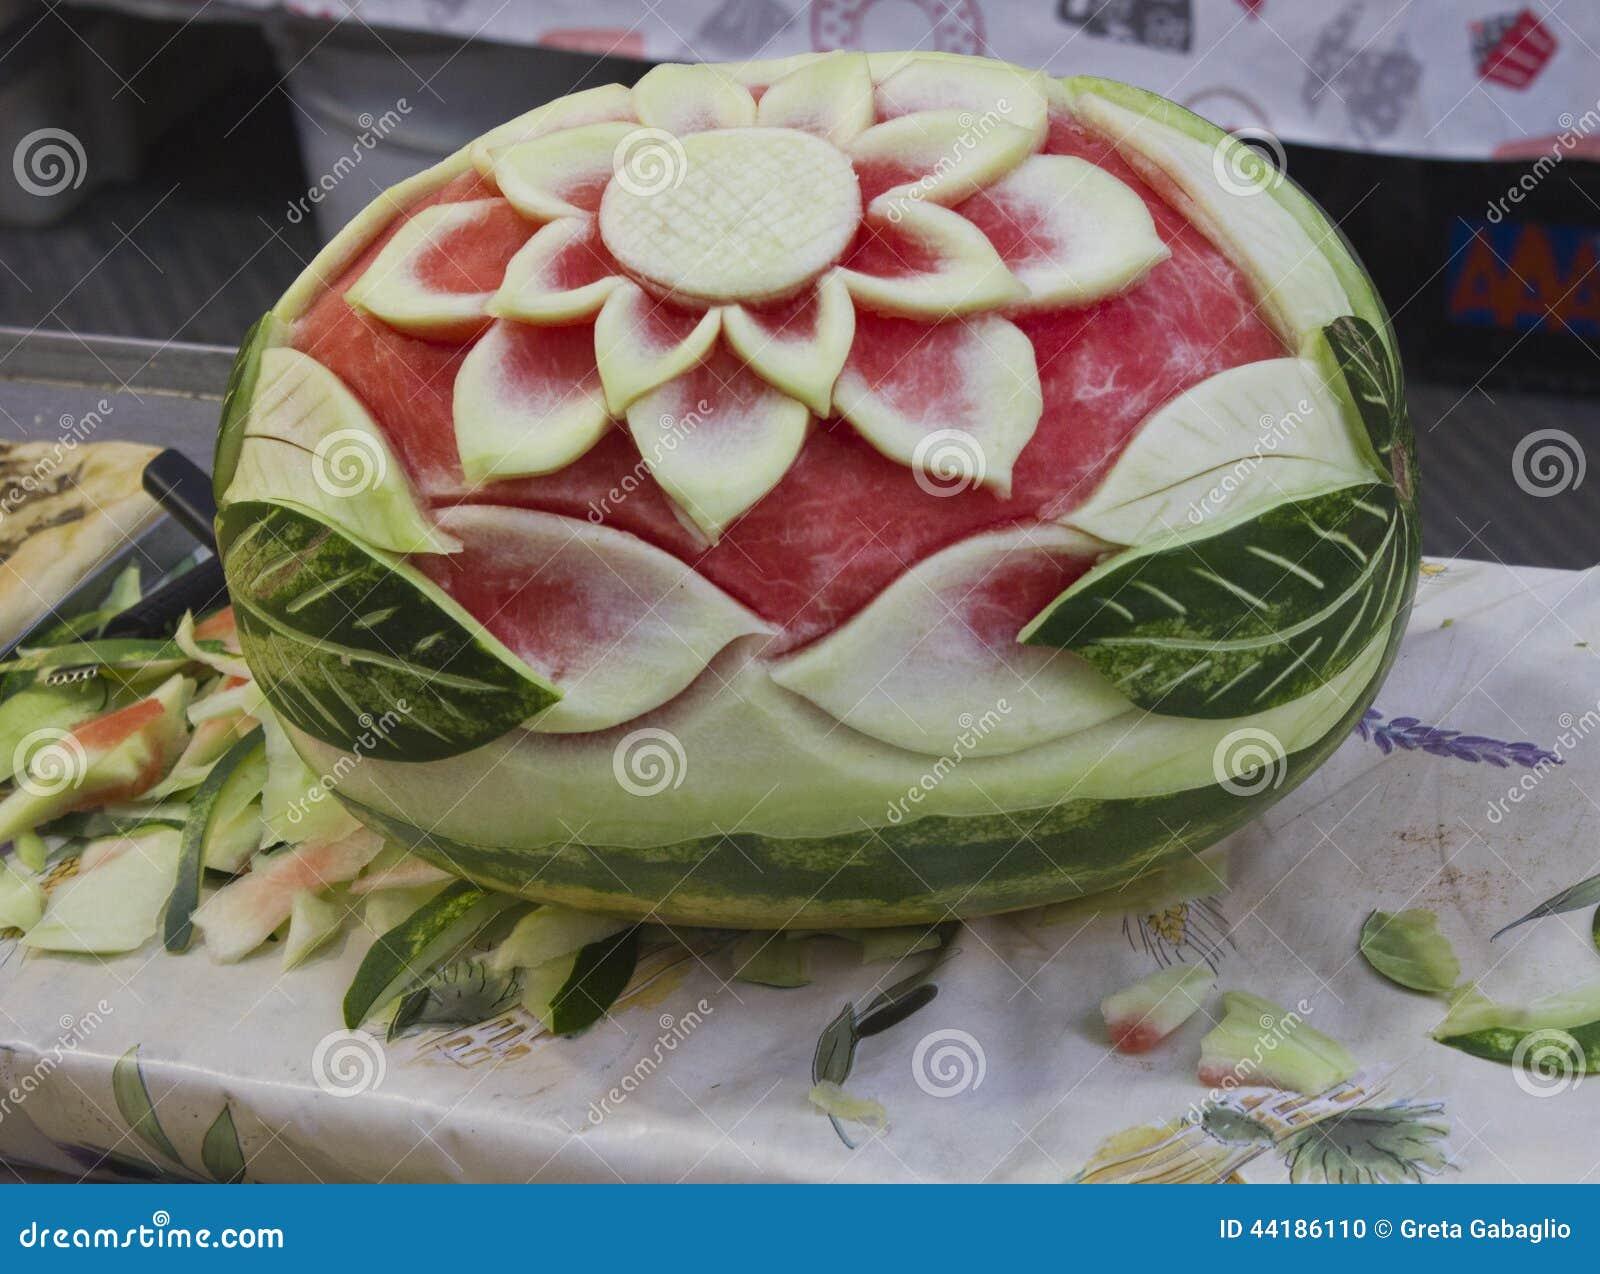 Excepcional Arte do corte da melancia foto de stock. Imagem de objeto - 44186110 HW28